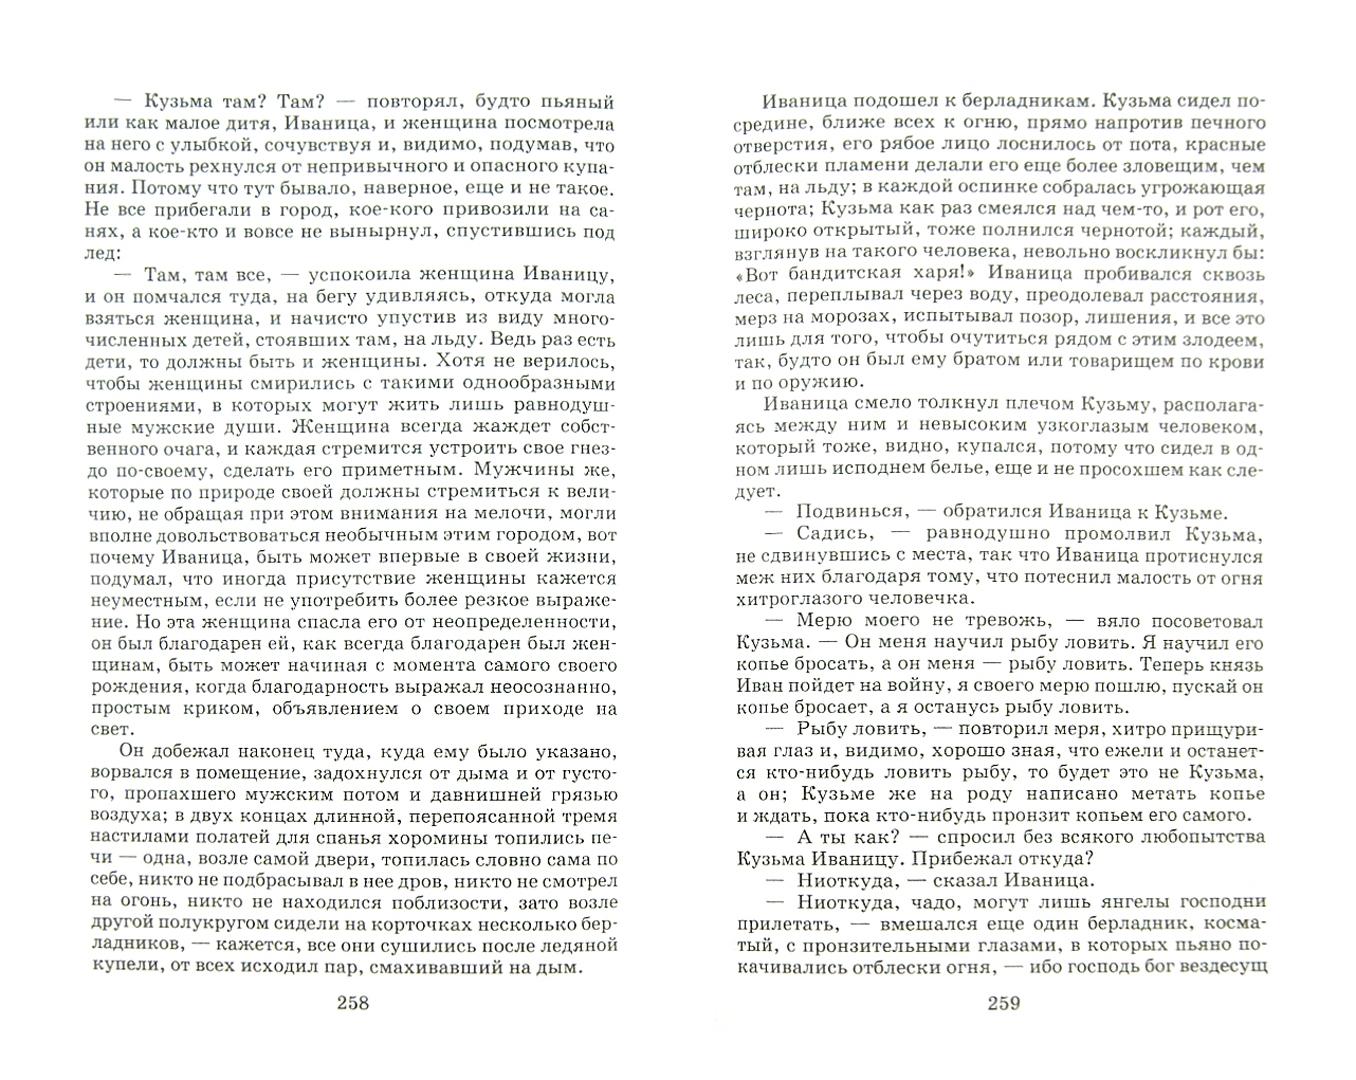 Иллюстрация 1 из 6 для Юрий Долгорукий - Павел Загребельный   Лабиринт - книги. Источник: Лабиринт